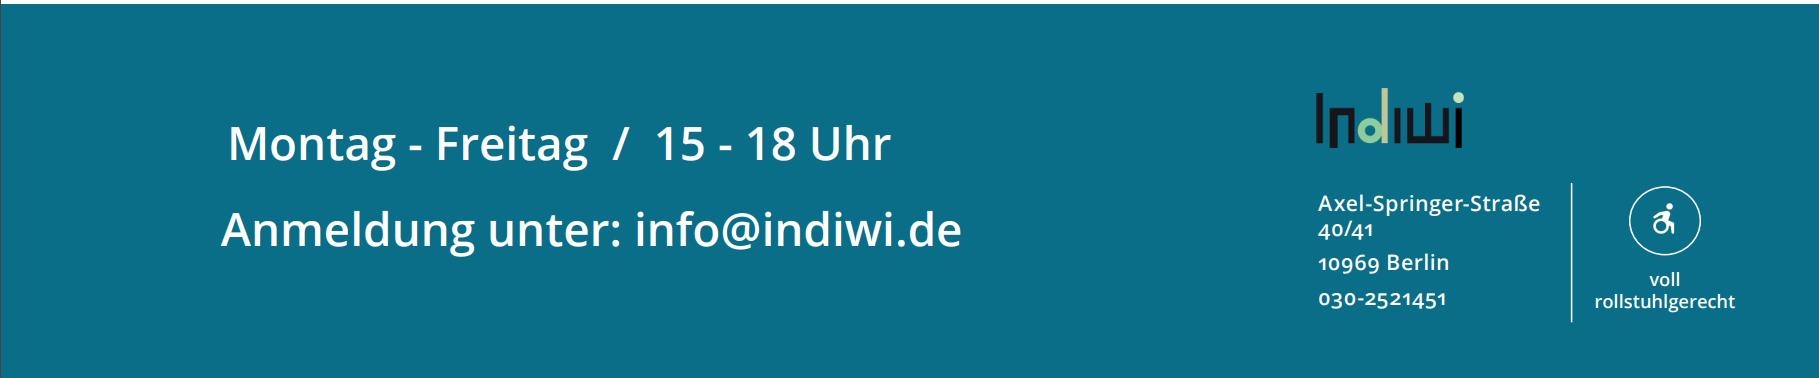 wochenplanBis24_6_20_unten